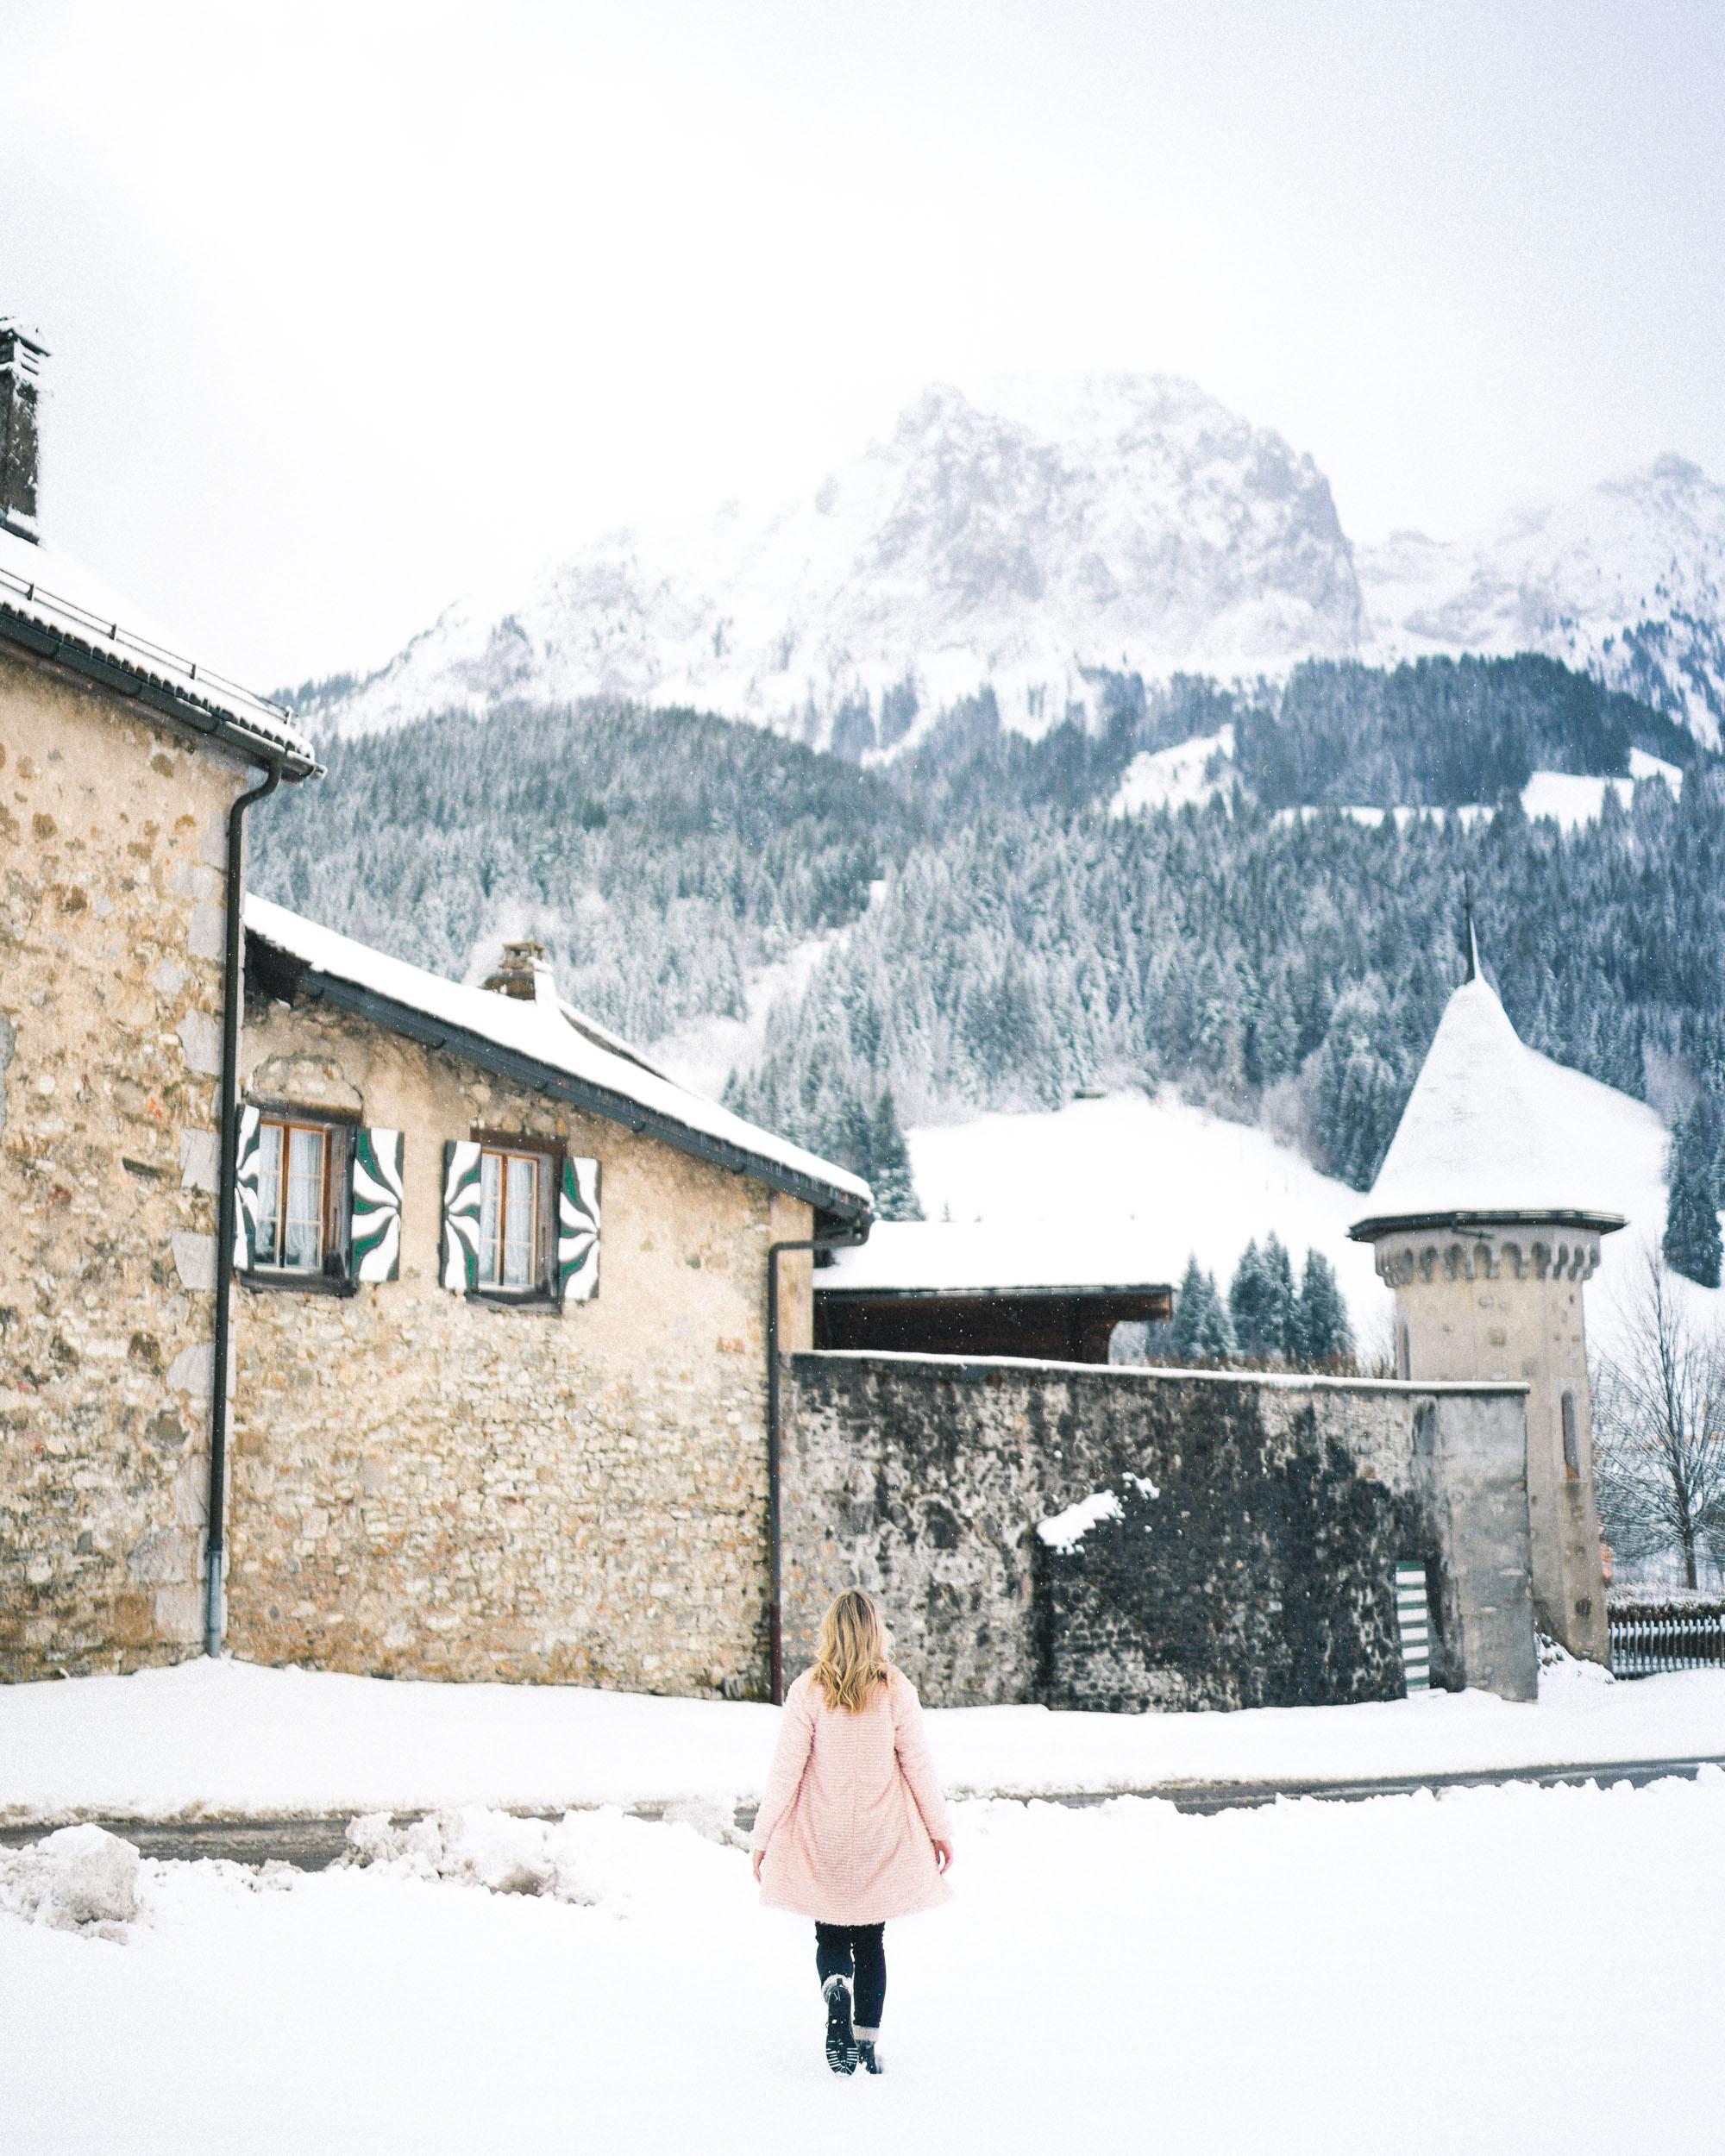 Gstaad, Saanen, Switzerland in the Swiss Alps